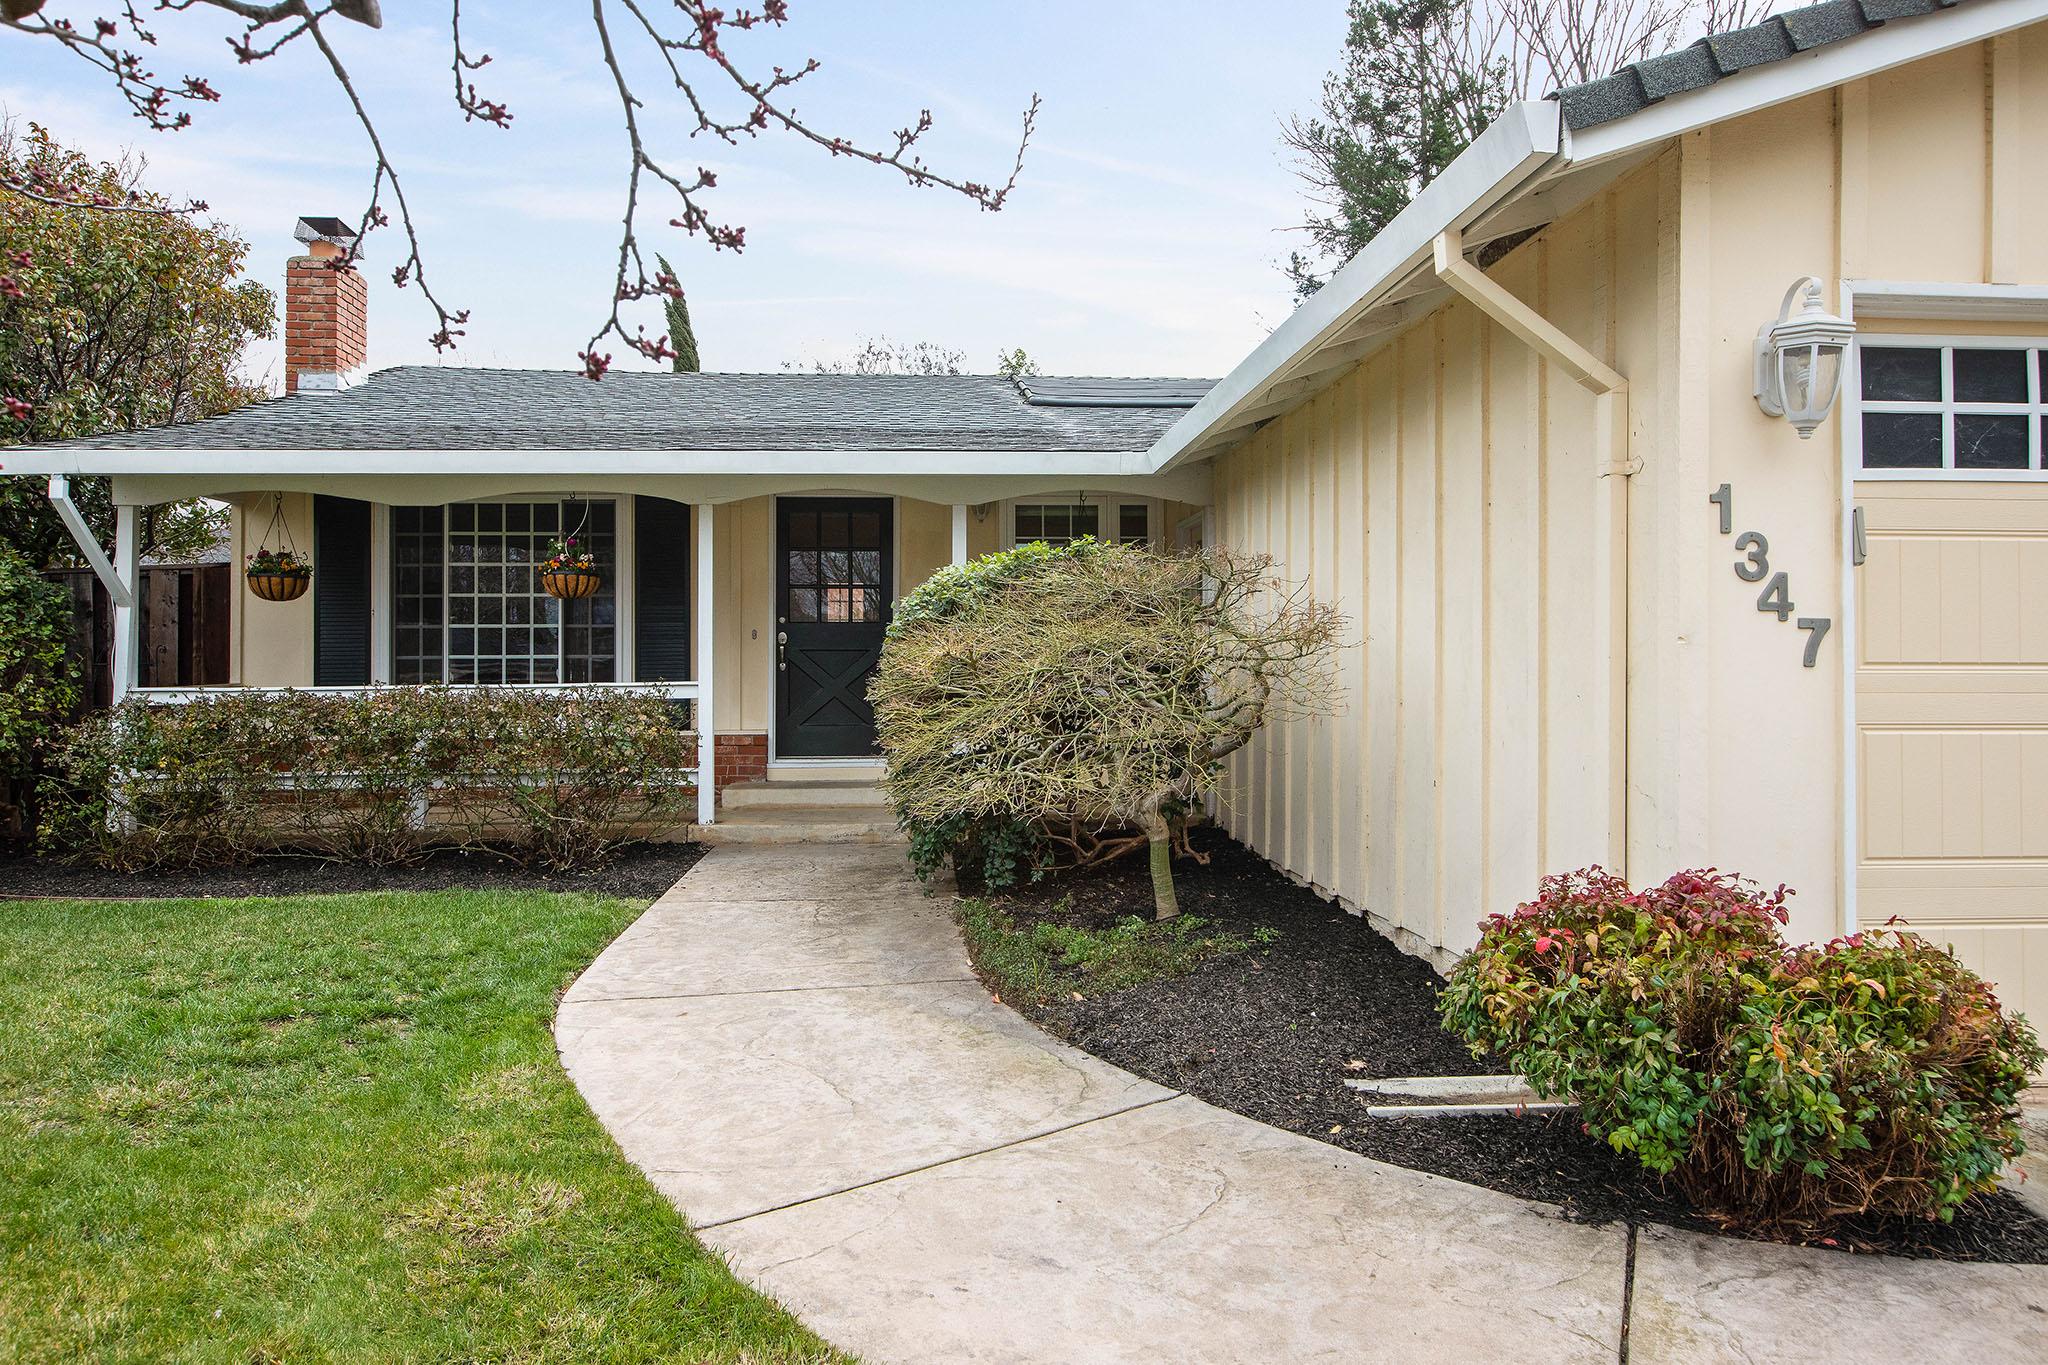 1347 Vermont Ave, Concord, CA 94521